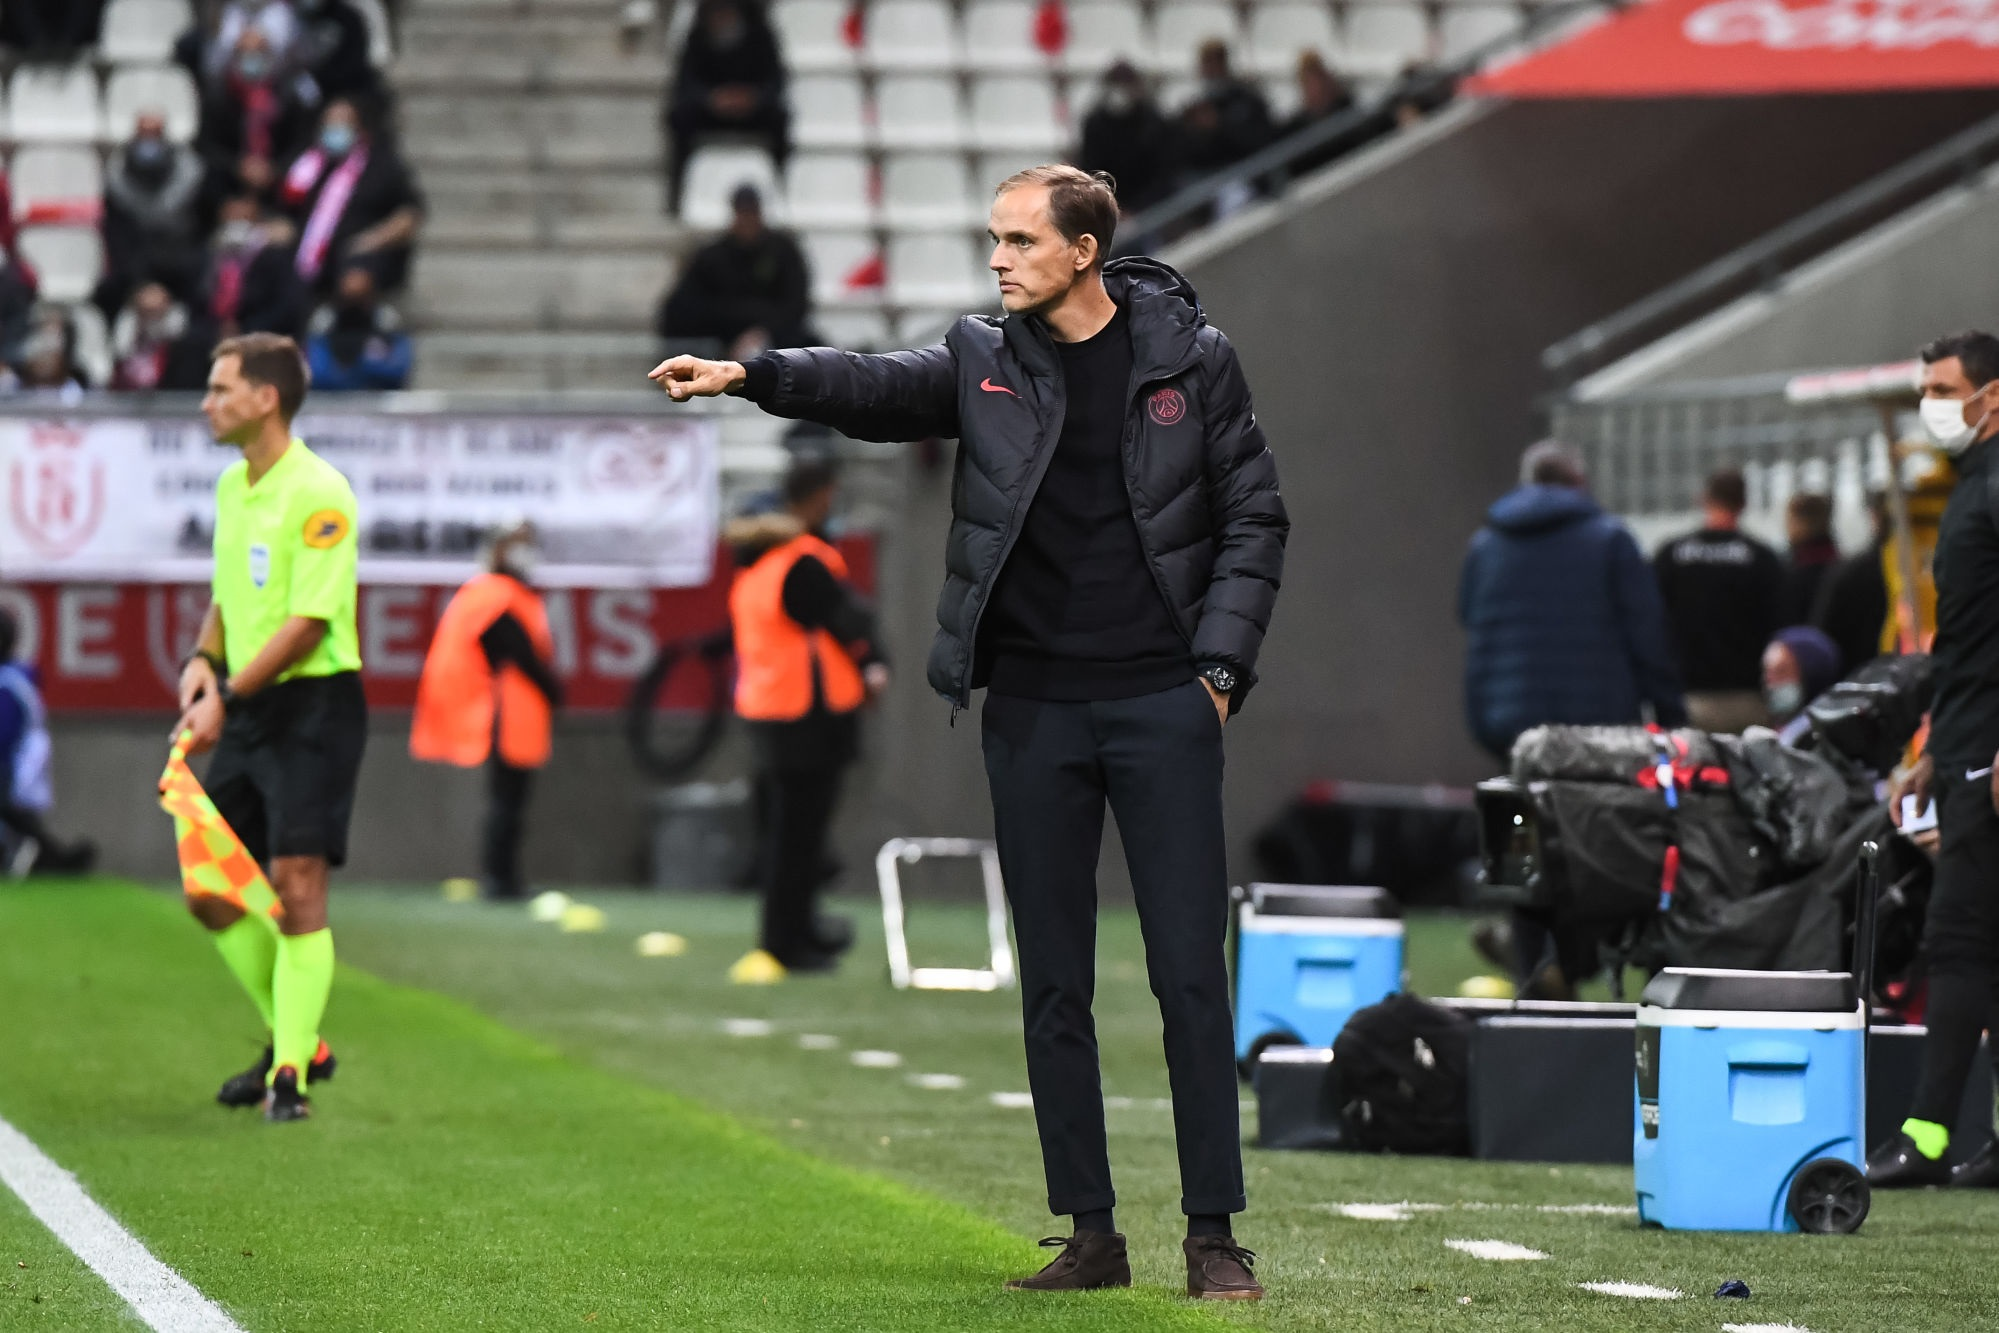 """Reims/PSG - Tuchel souligne les bons et mauvais points """"la seconde mi-temps était médiocre"""""""